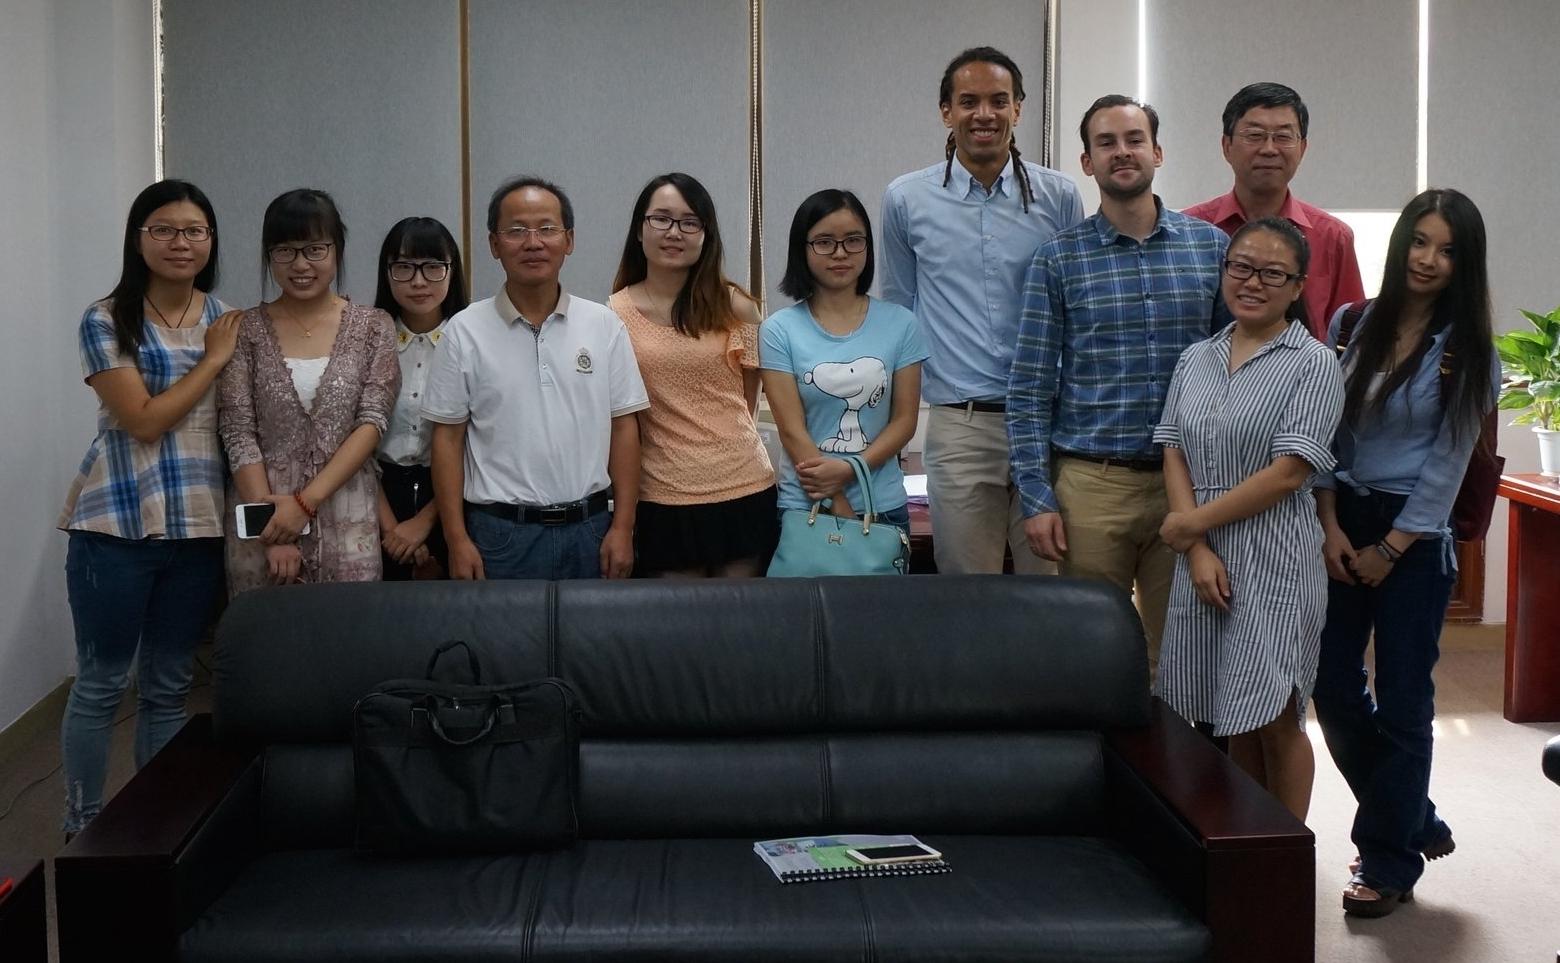 De professoren van Shenzhen University samen met ons en een aantal studenten.